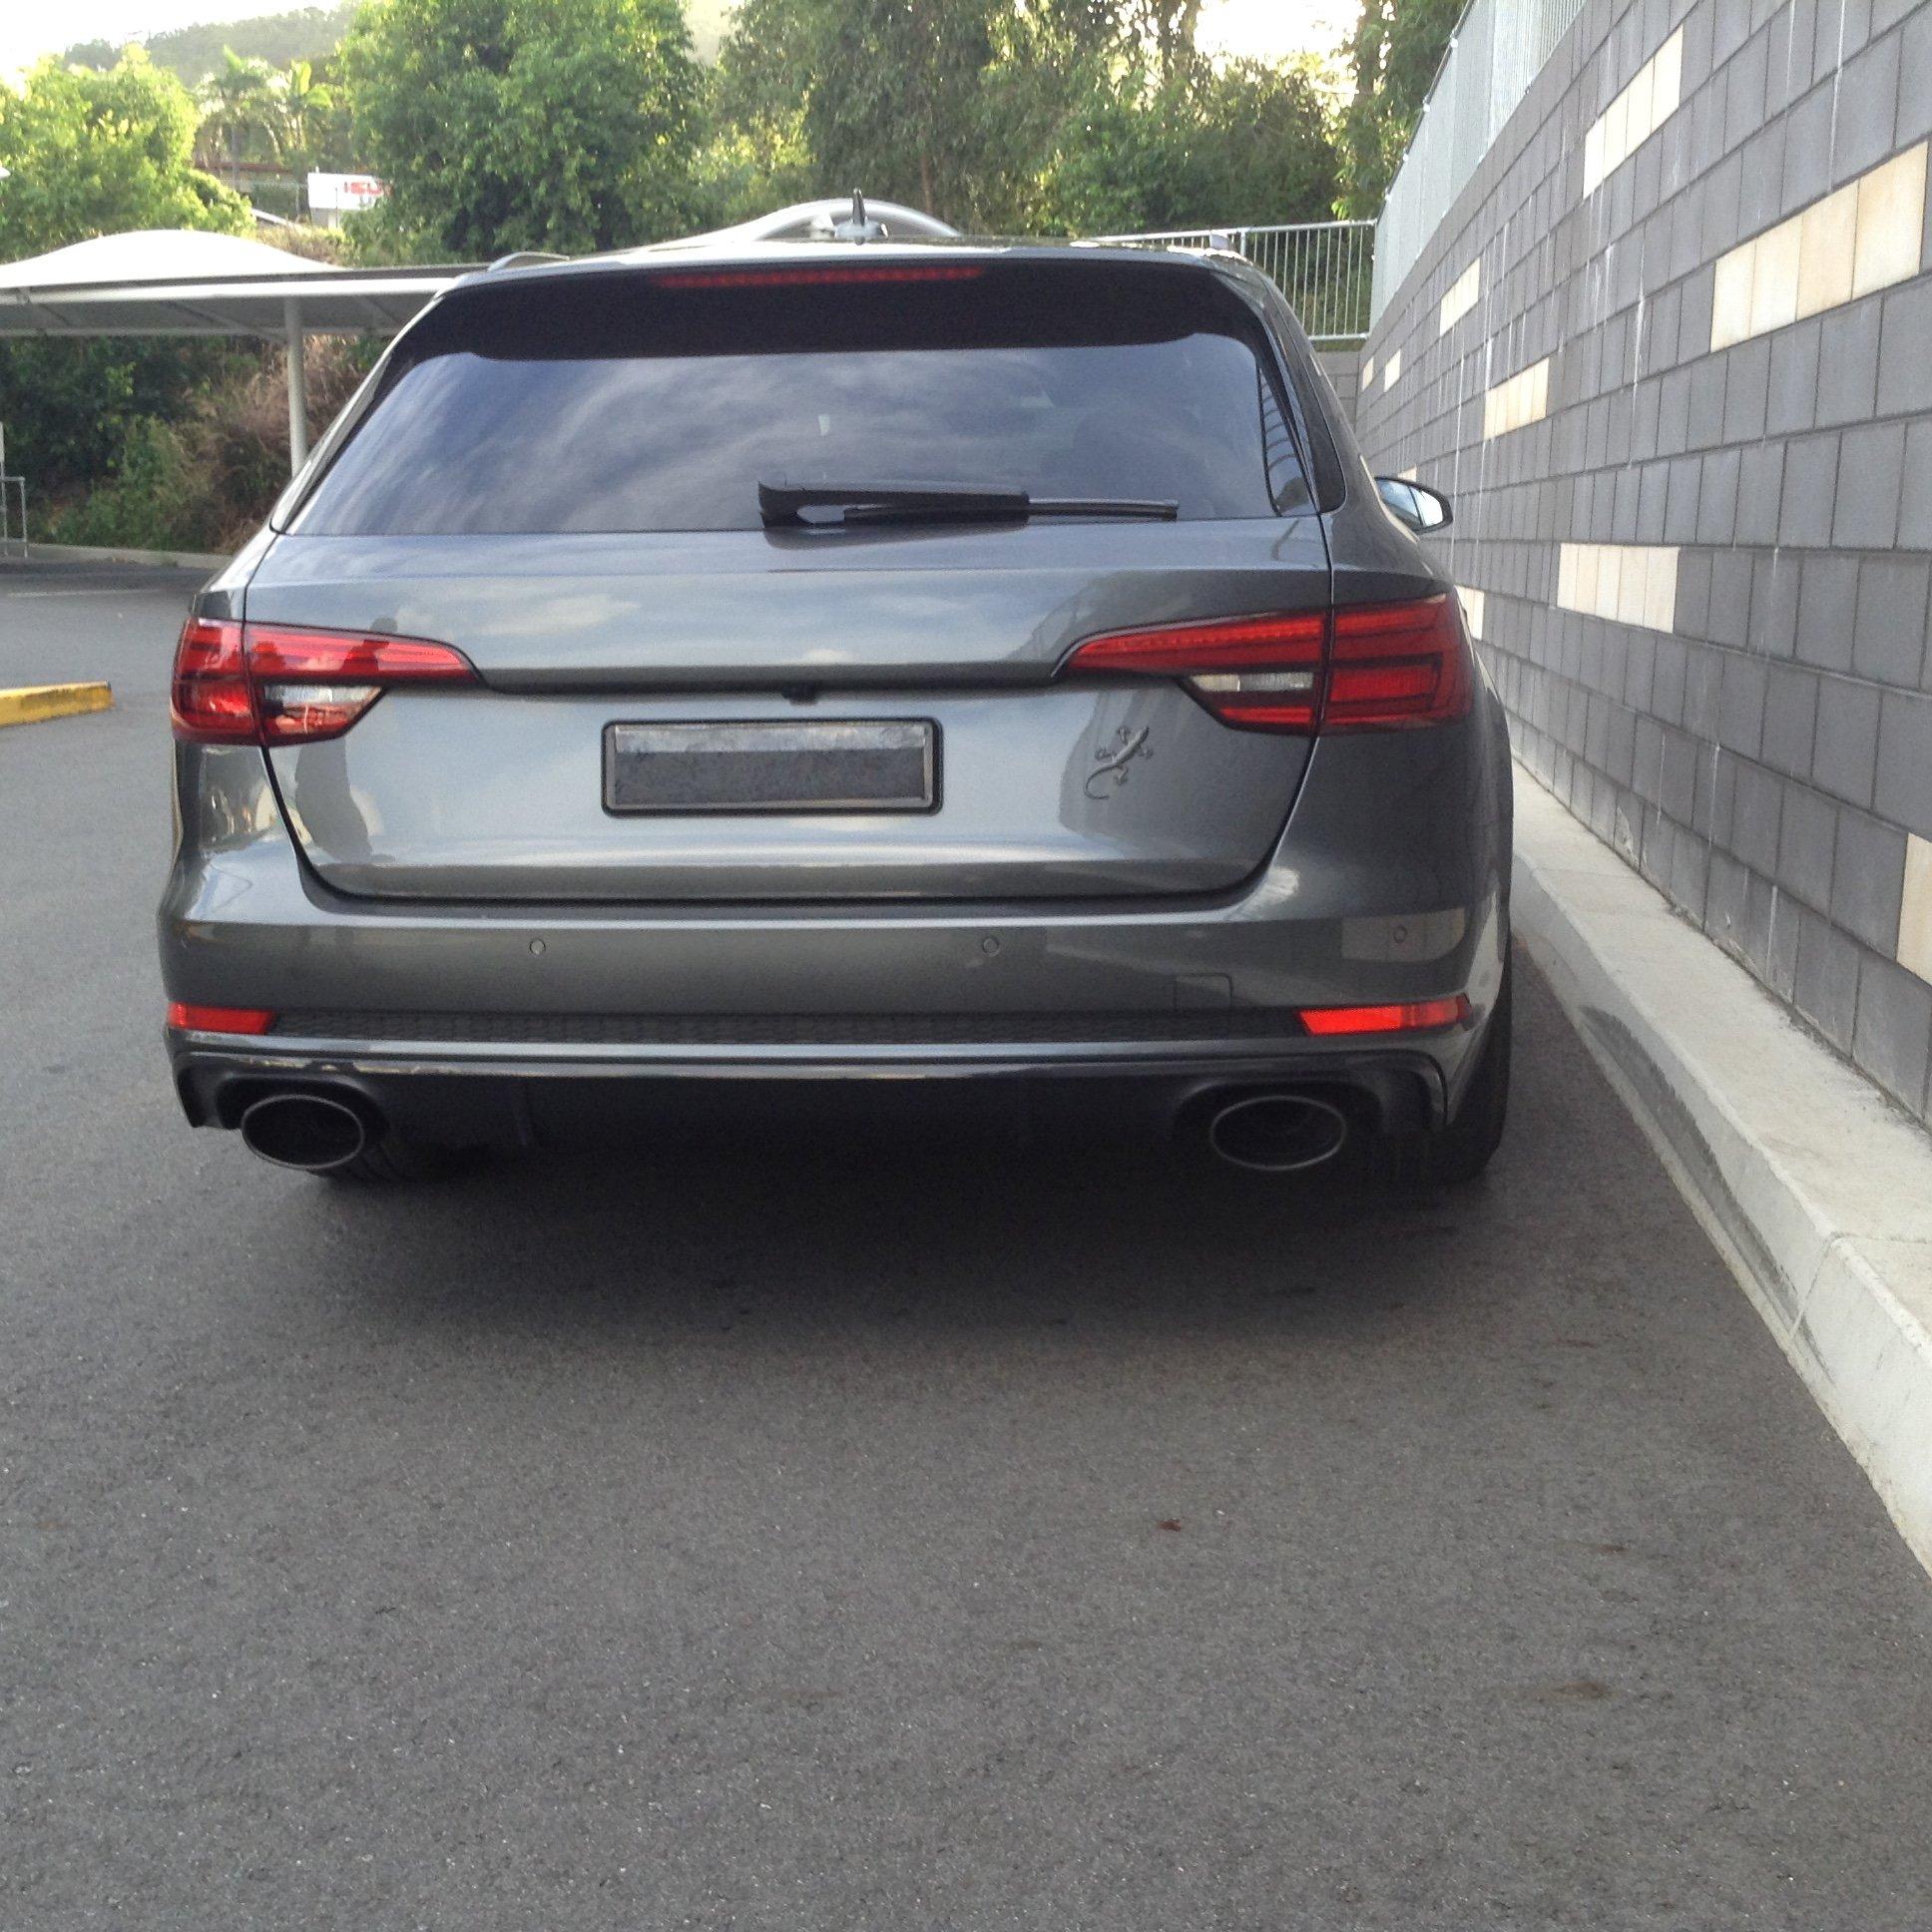 Audi Exhaust rear Jan 18.JPG